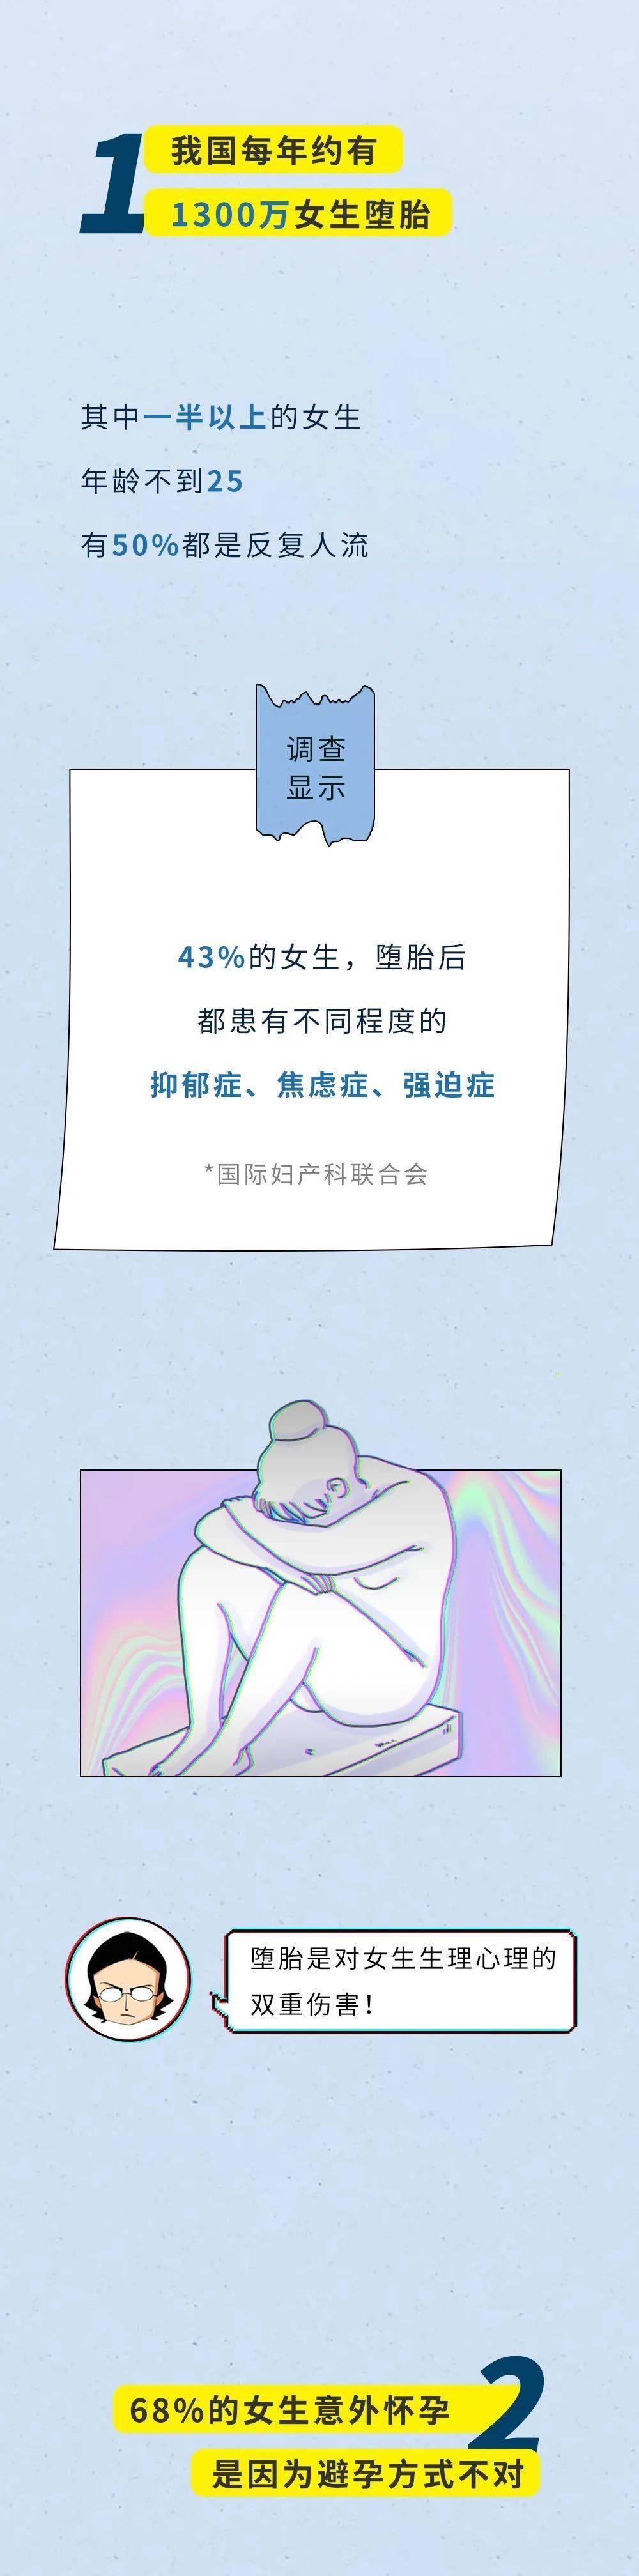 星辉开户-首页【1.1.4】